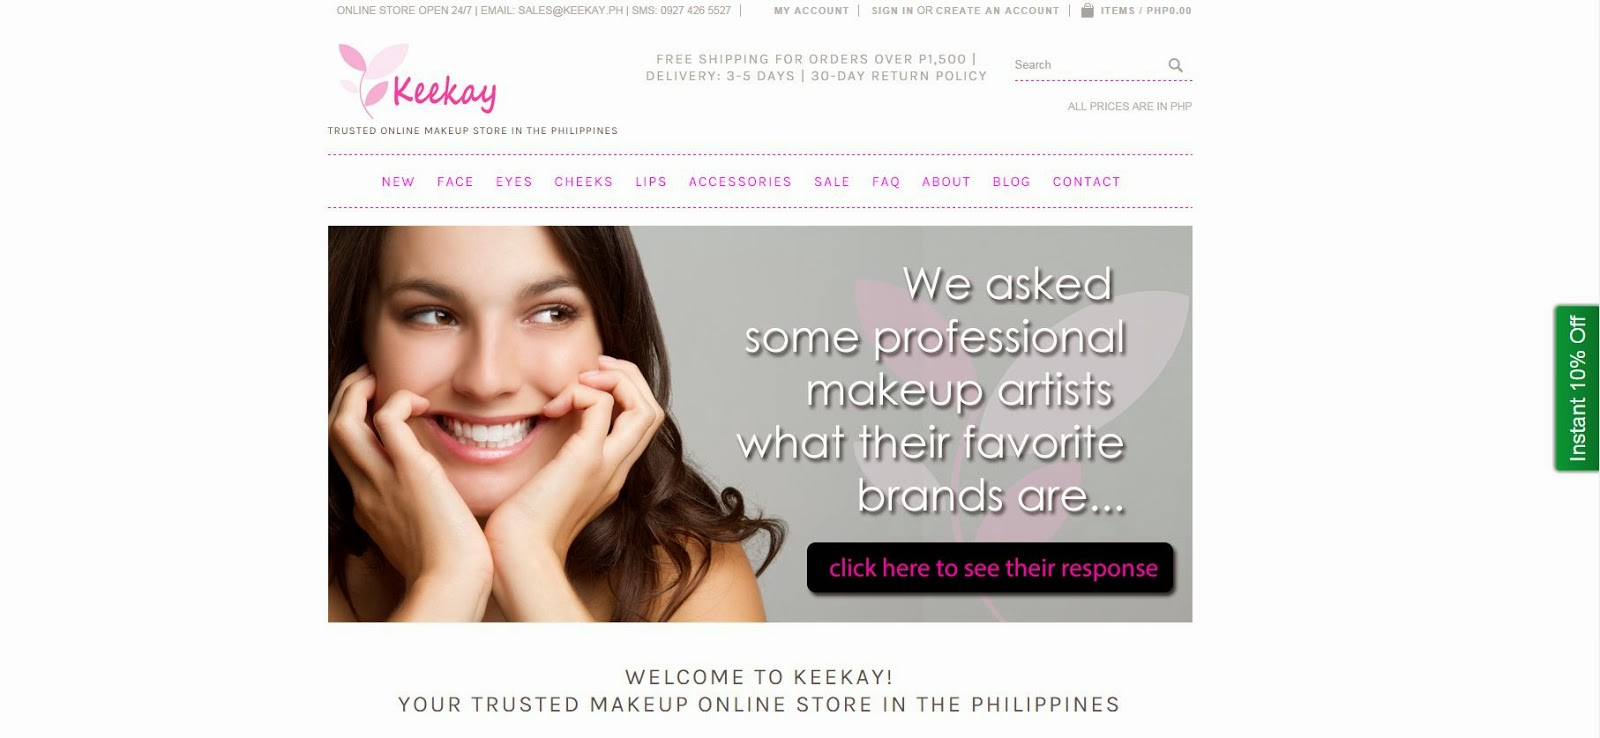 Keekay